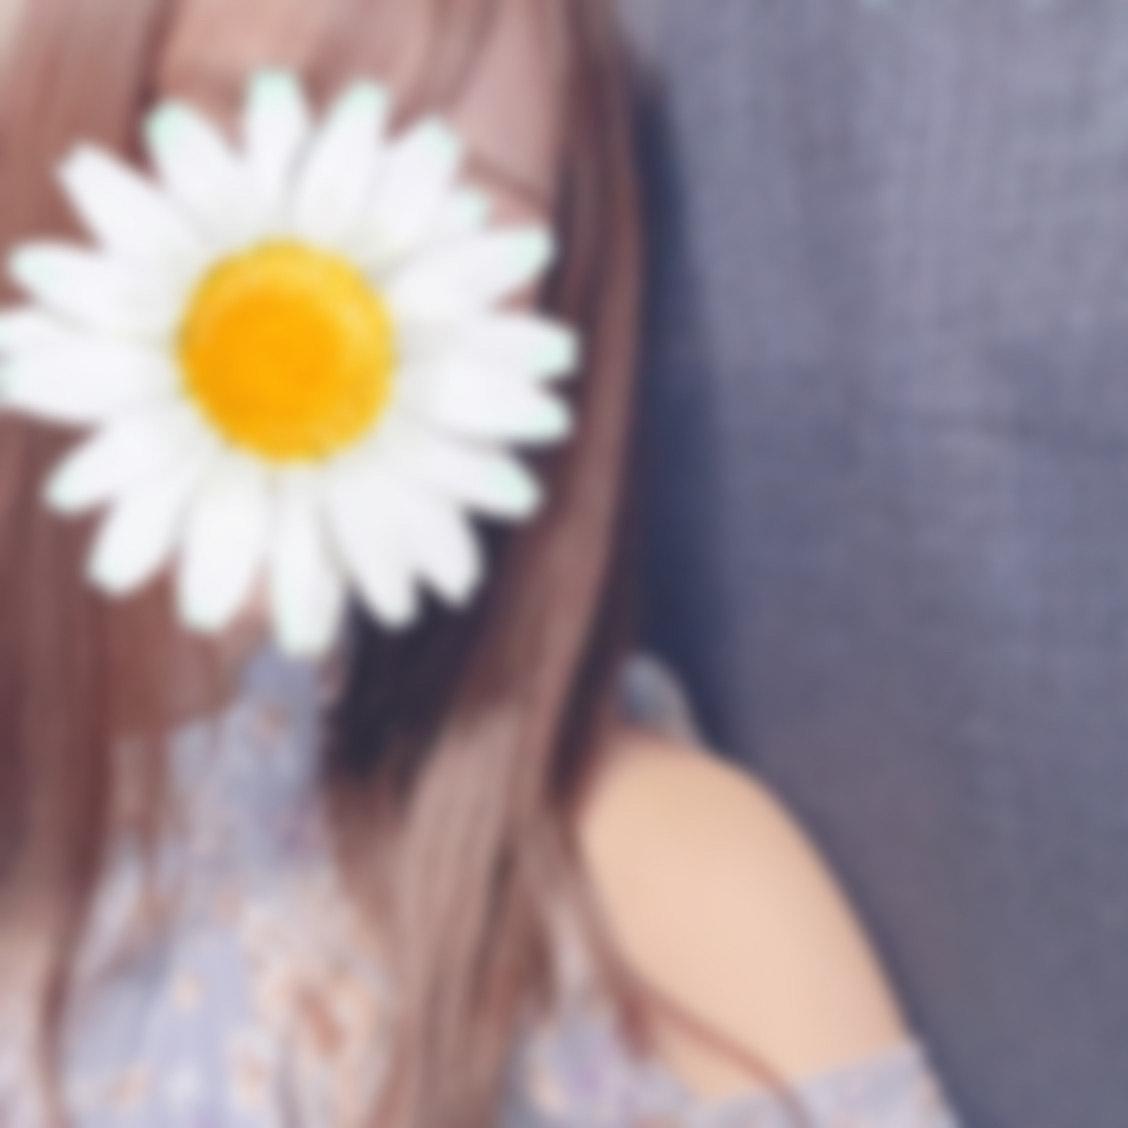 「みなみなみなみなみっ」04/09(04/09) 13:59 | 美南セラピストの写メ・風俗動画